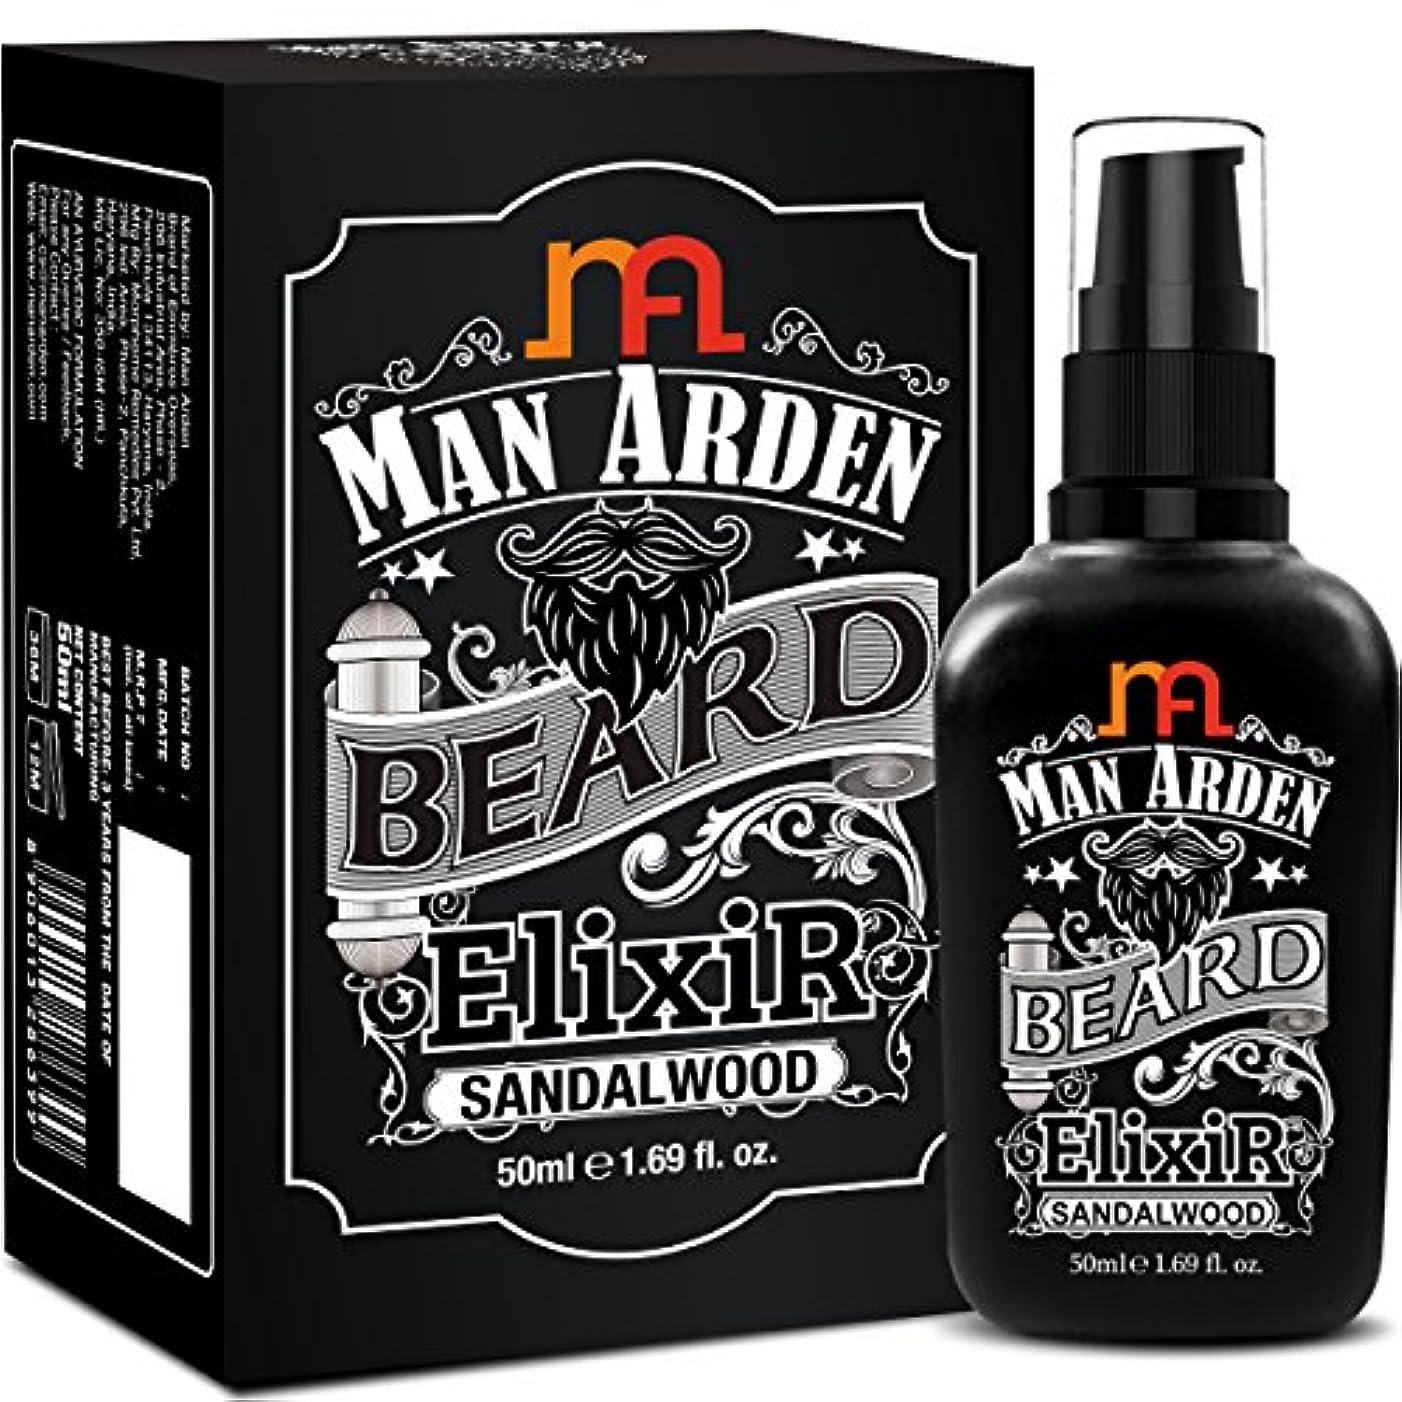 平衡ファックスわざわざMan Arden Beard Elixir Oil 50ml (Sandalwood) - 7 Oils Blend For Beard Repair, Growth & Nourishment8906013286399